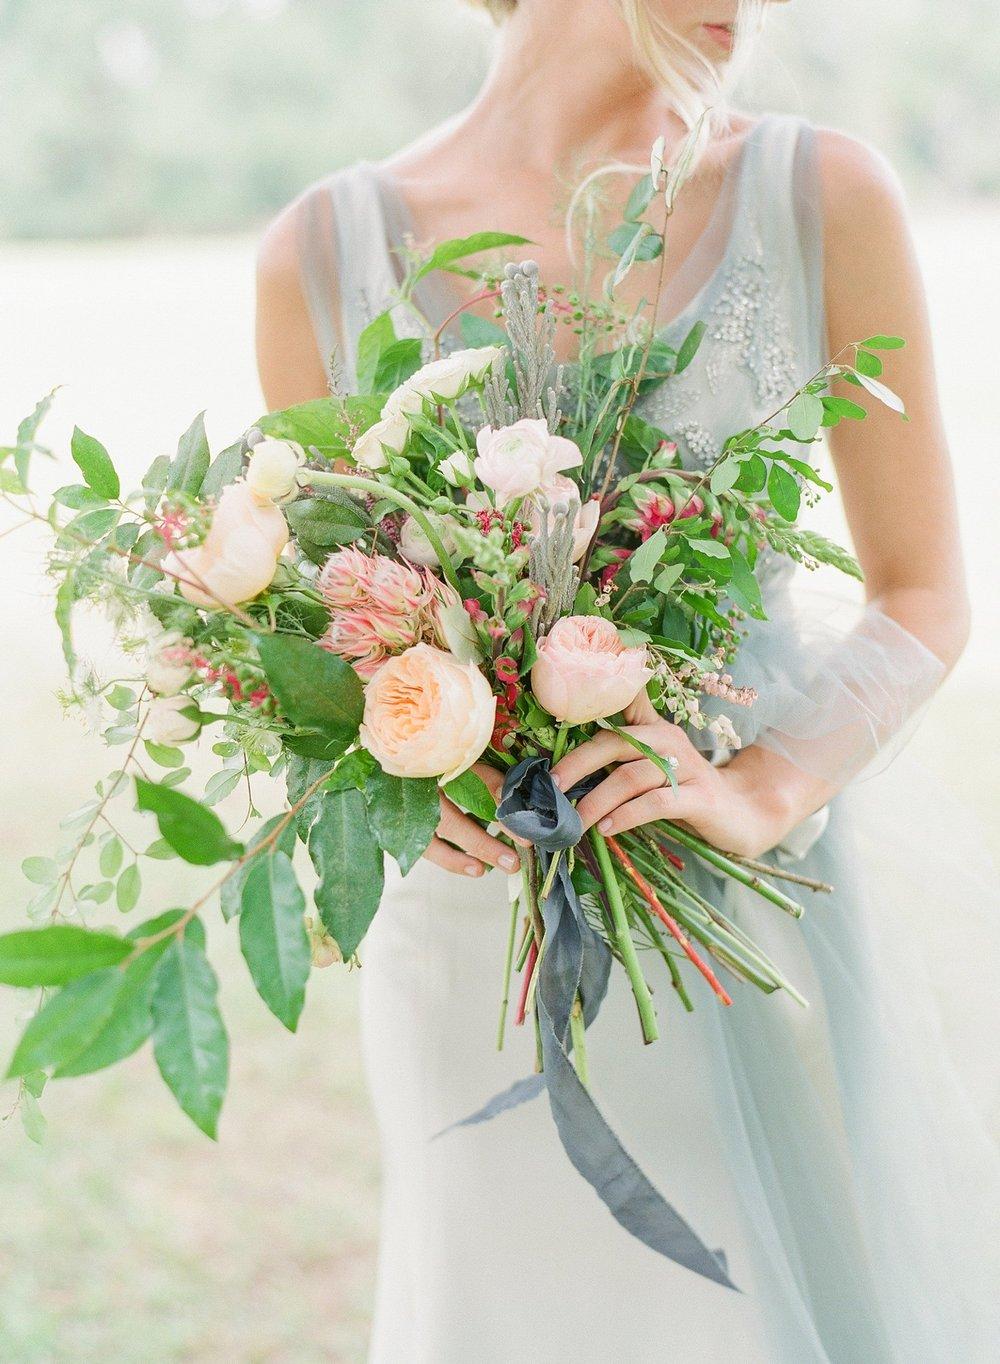 Carol Hannah Bridal Downton Gown TSOS-joyce-ko-jodimillerphoto_005.JPG